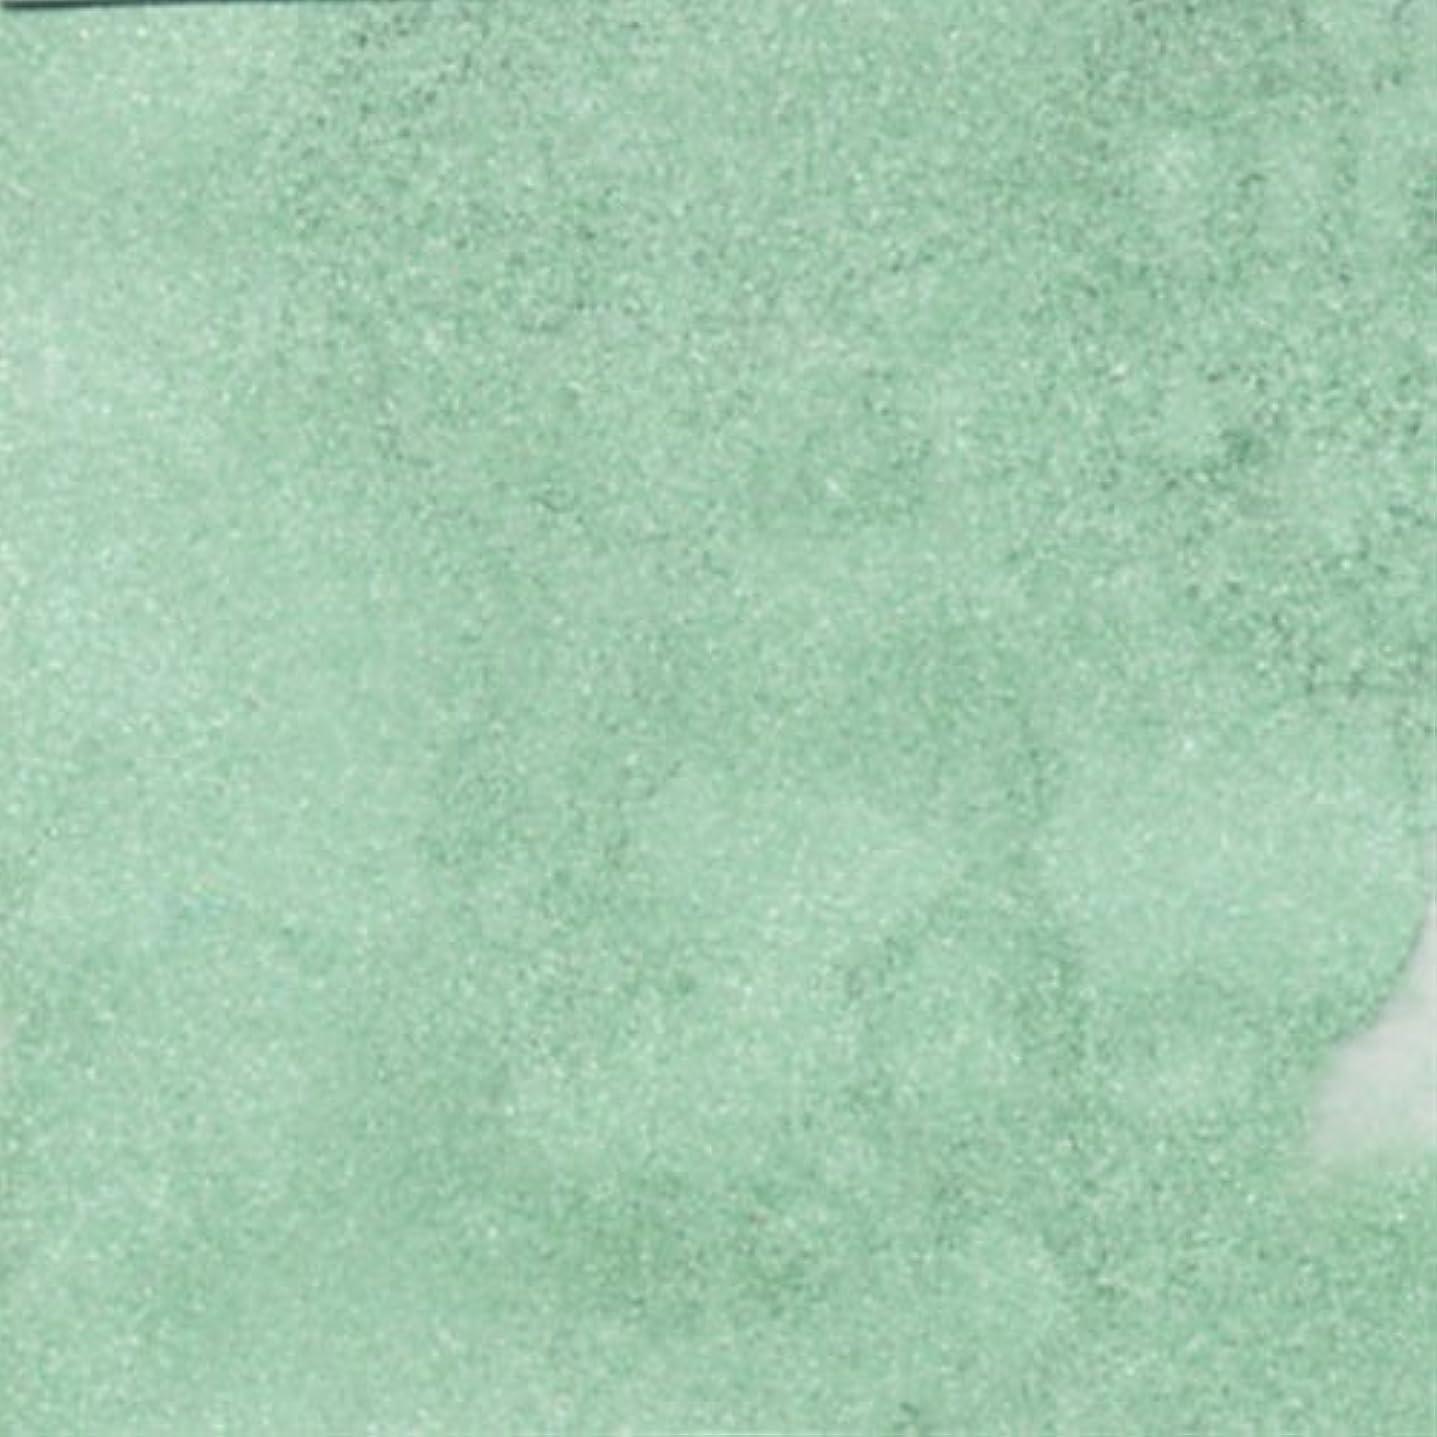 悪夢むちゃくちゃほのかピカエース ネイル用パウダー パステルパウダー #849 グリーン 0.25g